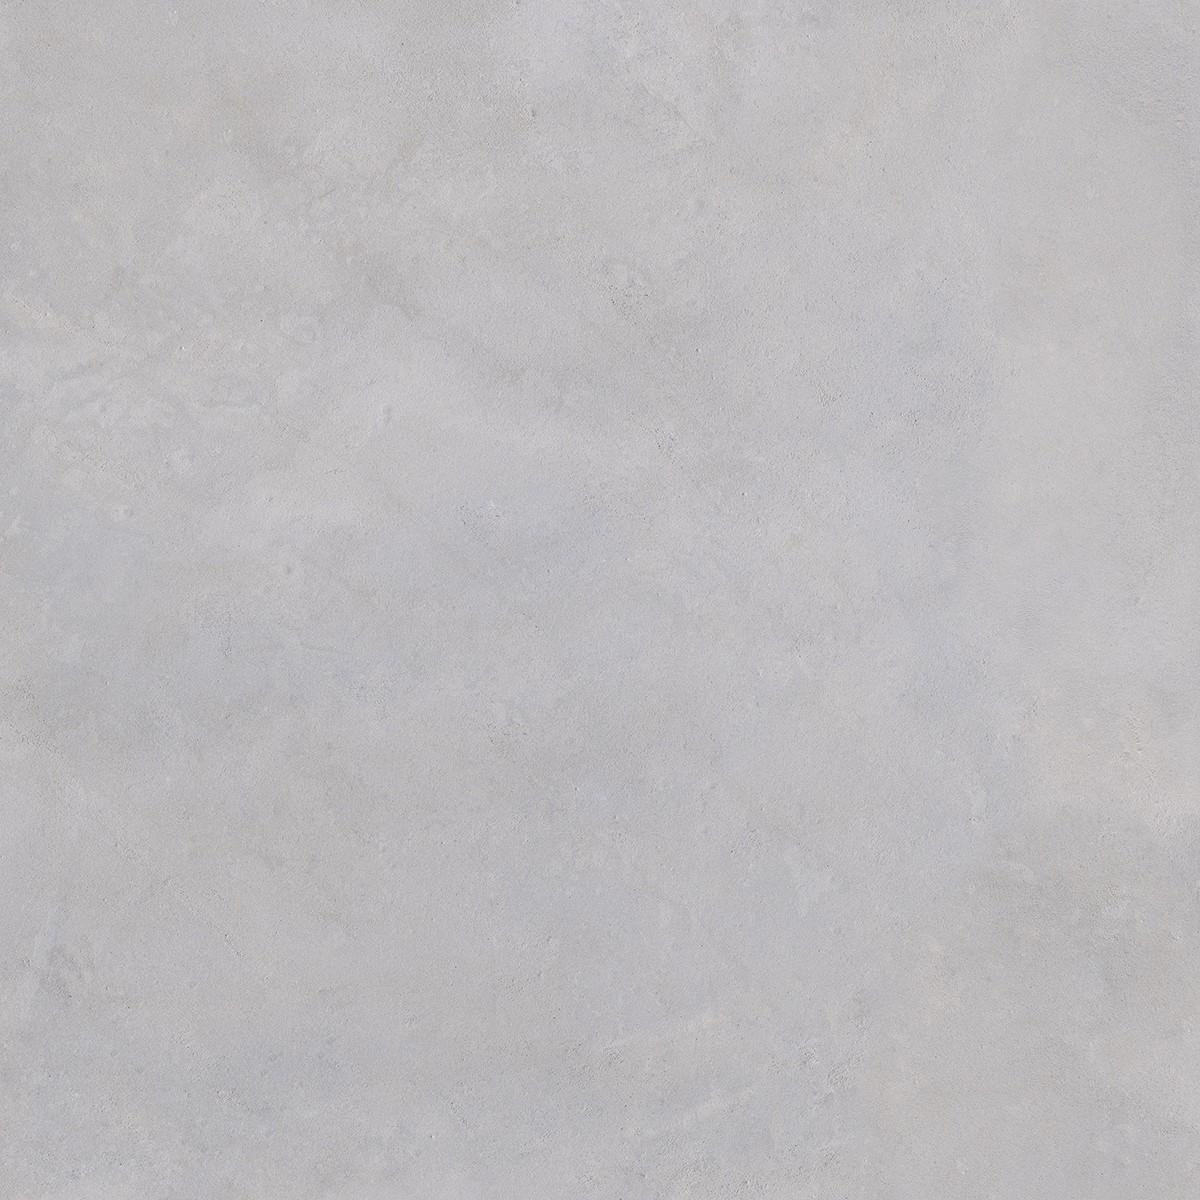 Imagem do produto PORCELANATO RETIFICADO ACETINADO MADRID PLATA - 70X70CM - DELTA - M²